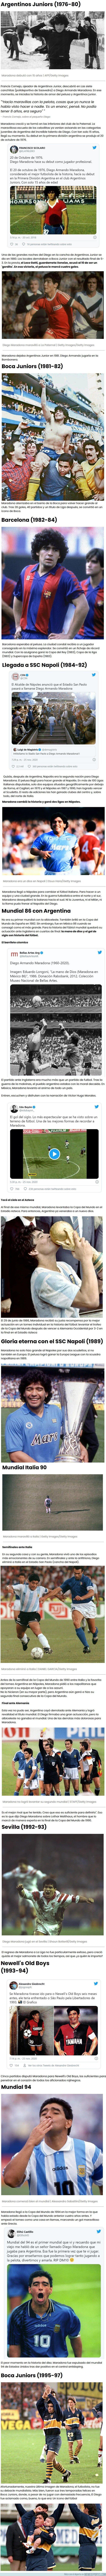 1121284 - La extraordinaria carrera de Diego Maradona resumida en imágenes